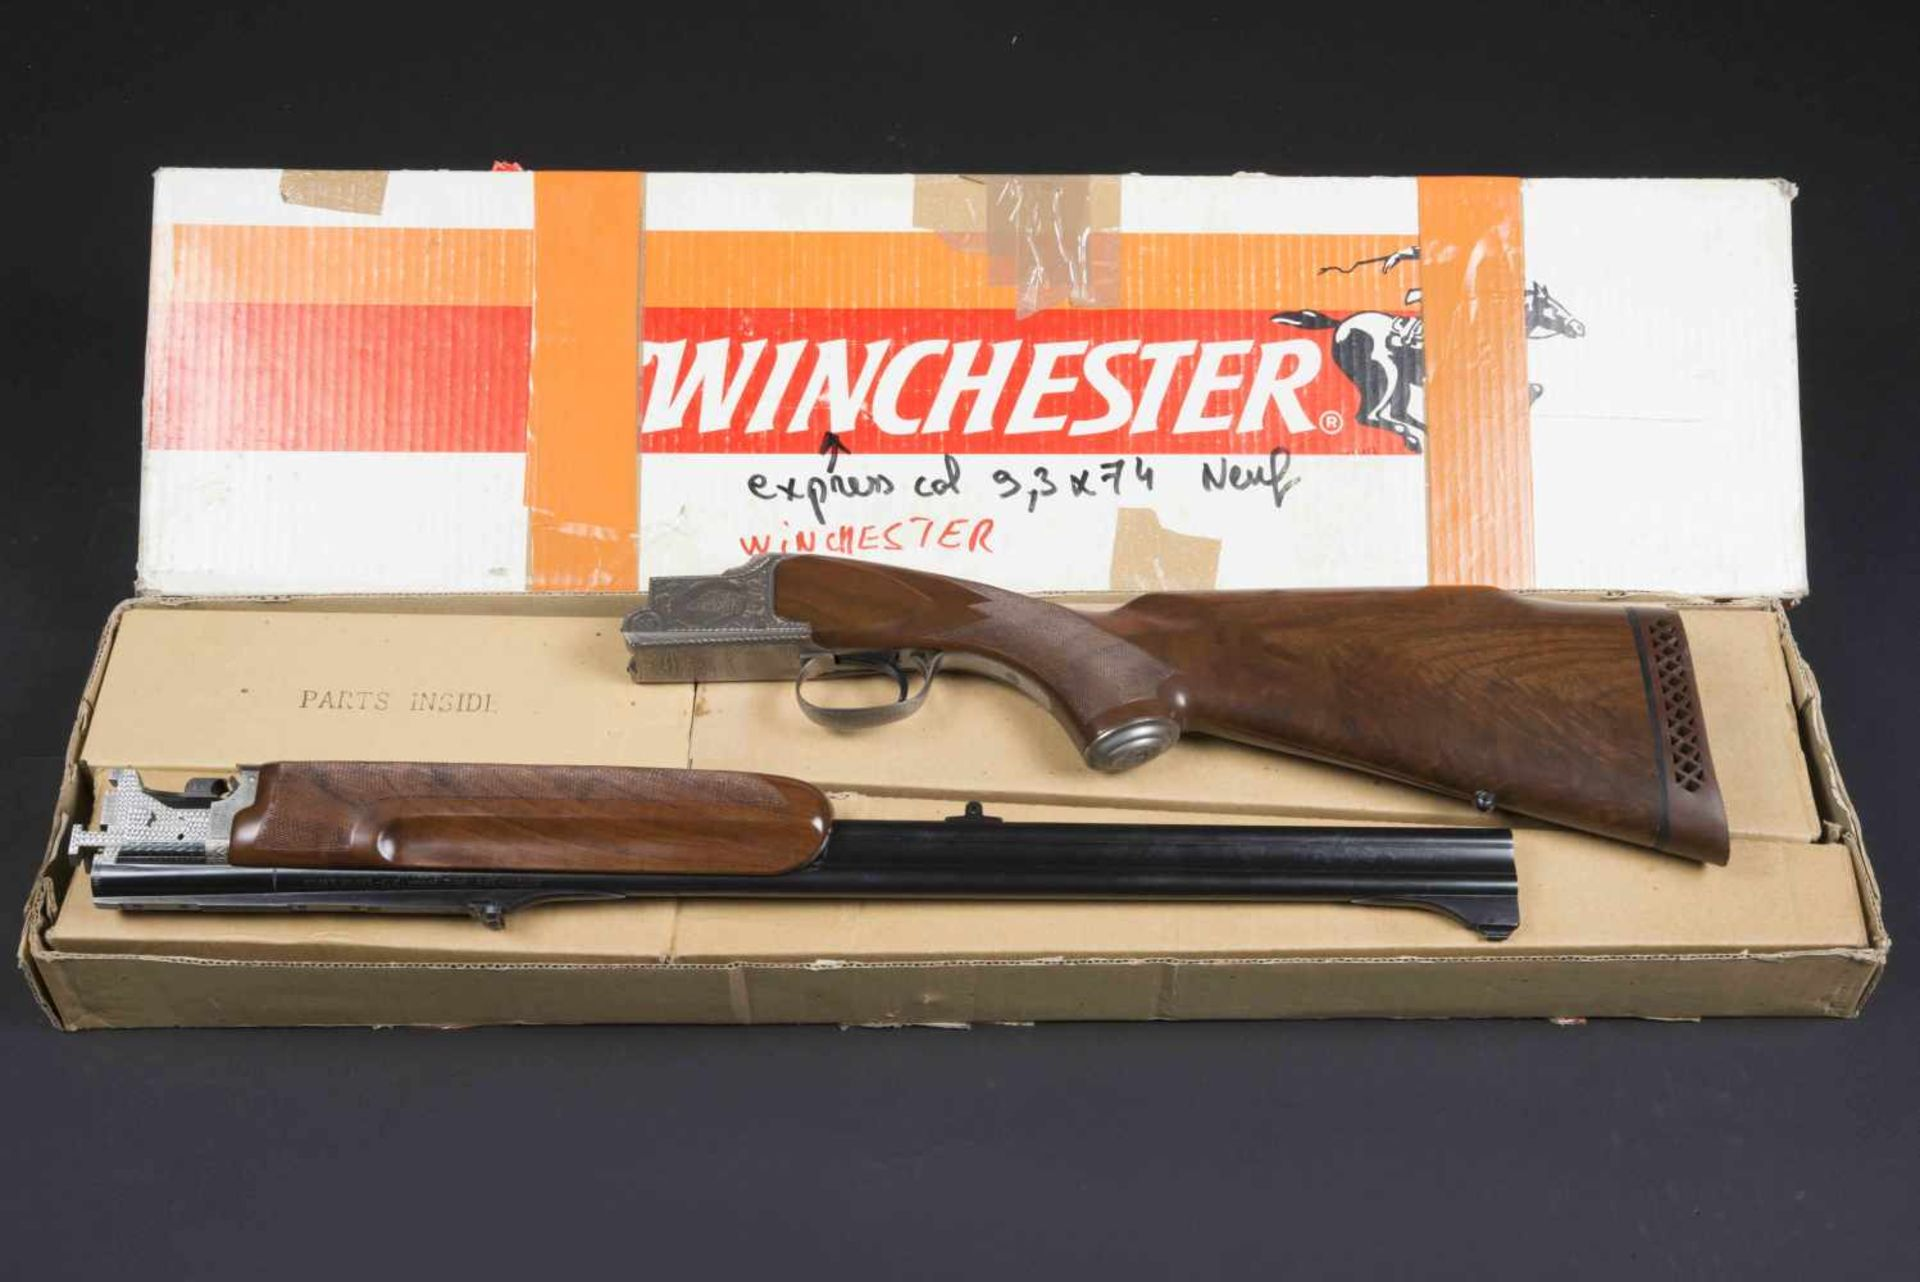 Winchester Catégorie C Grand European XT 9,3x74R/9,3x74R. Parties métalliques ciselées, avec